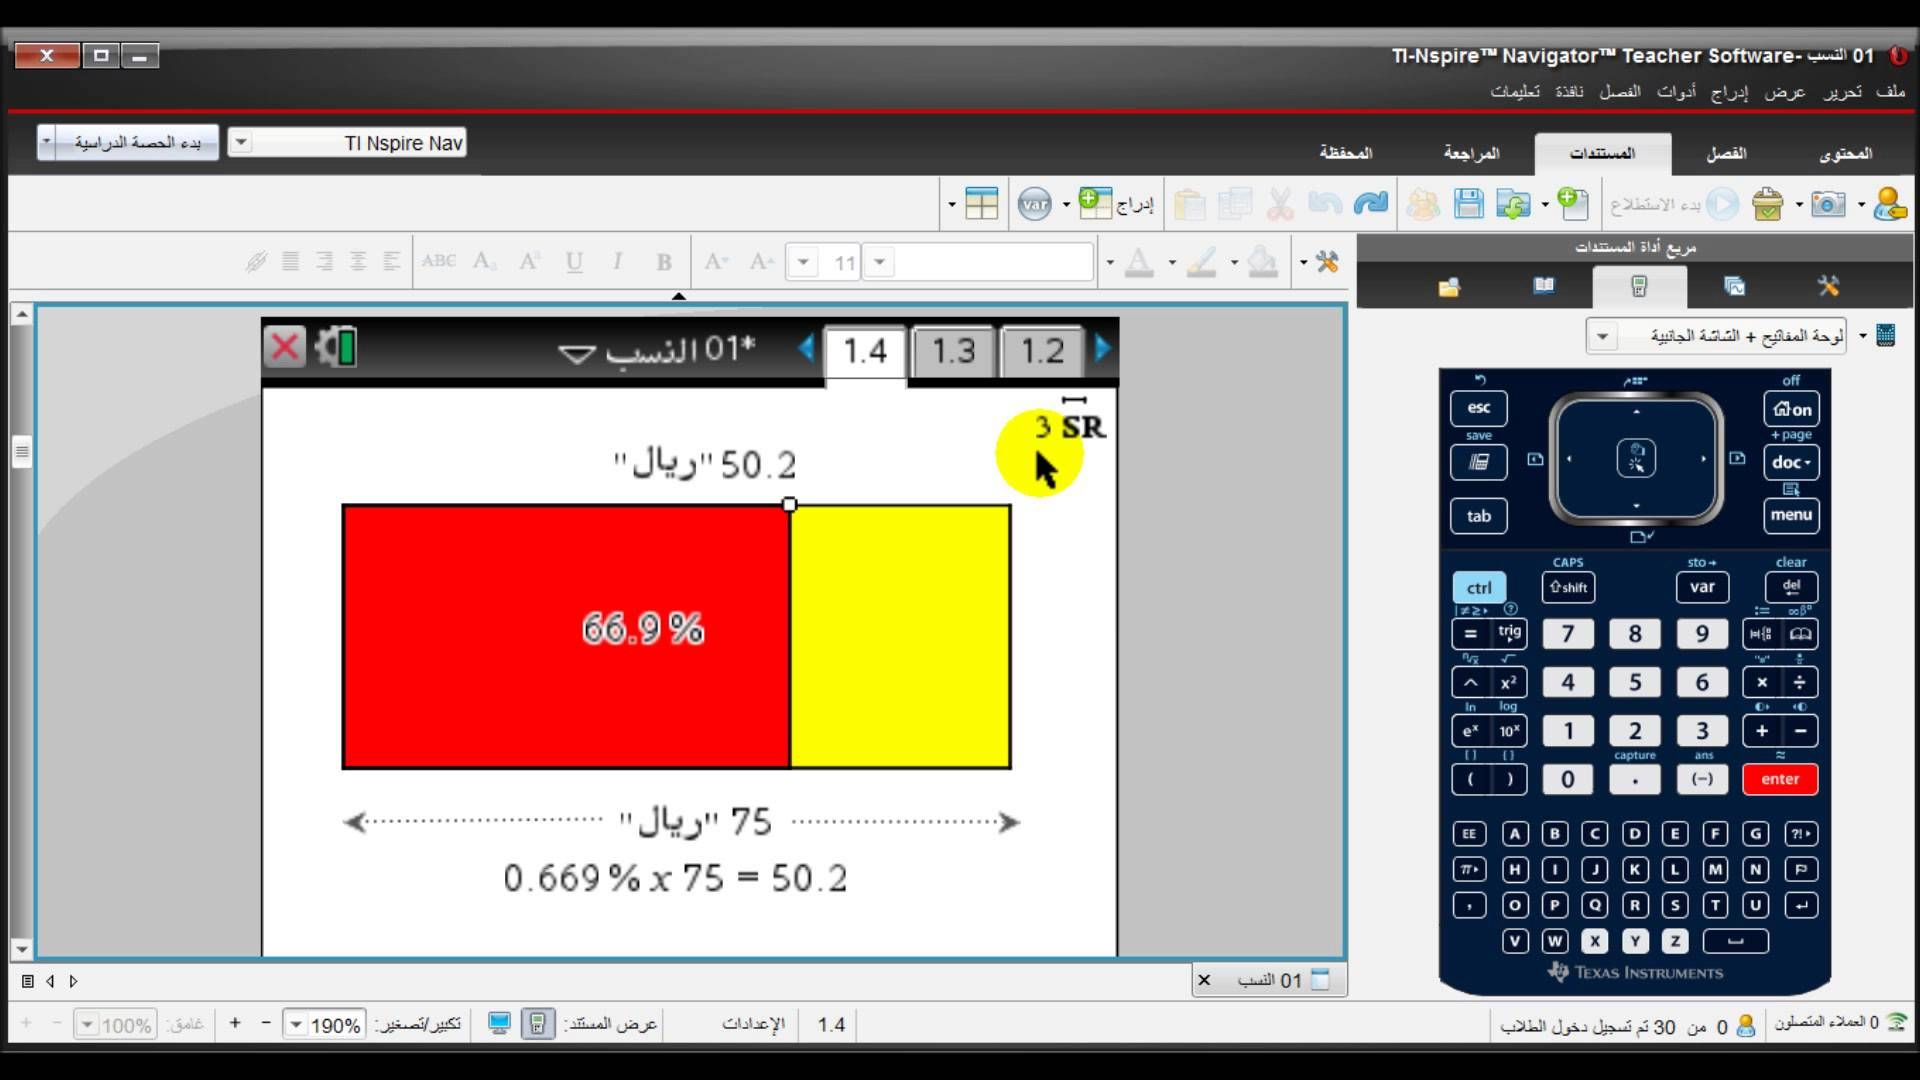 علم طلبتك معنى النسب قم بزيارة مركز تبادل الأنشطة بالعربي Http Www Facebook Com Groups 431632803585176 لتنزيل النشاط ال Teacher Software Software Activities